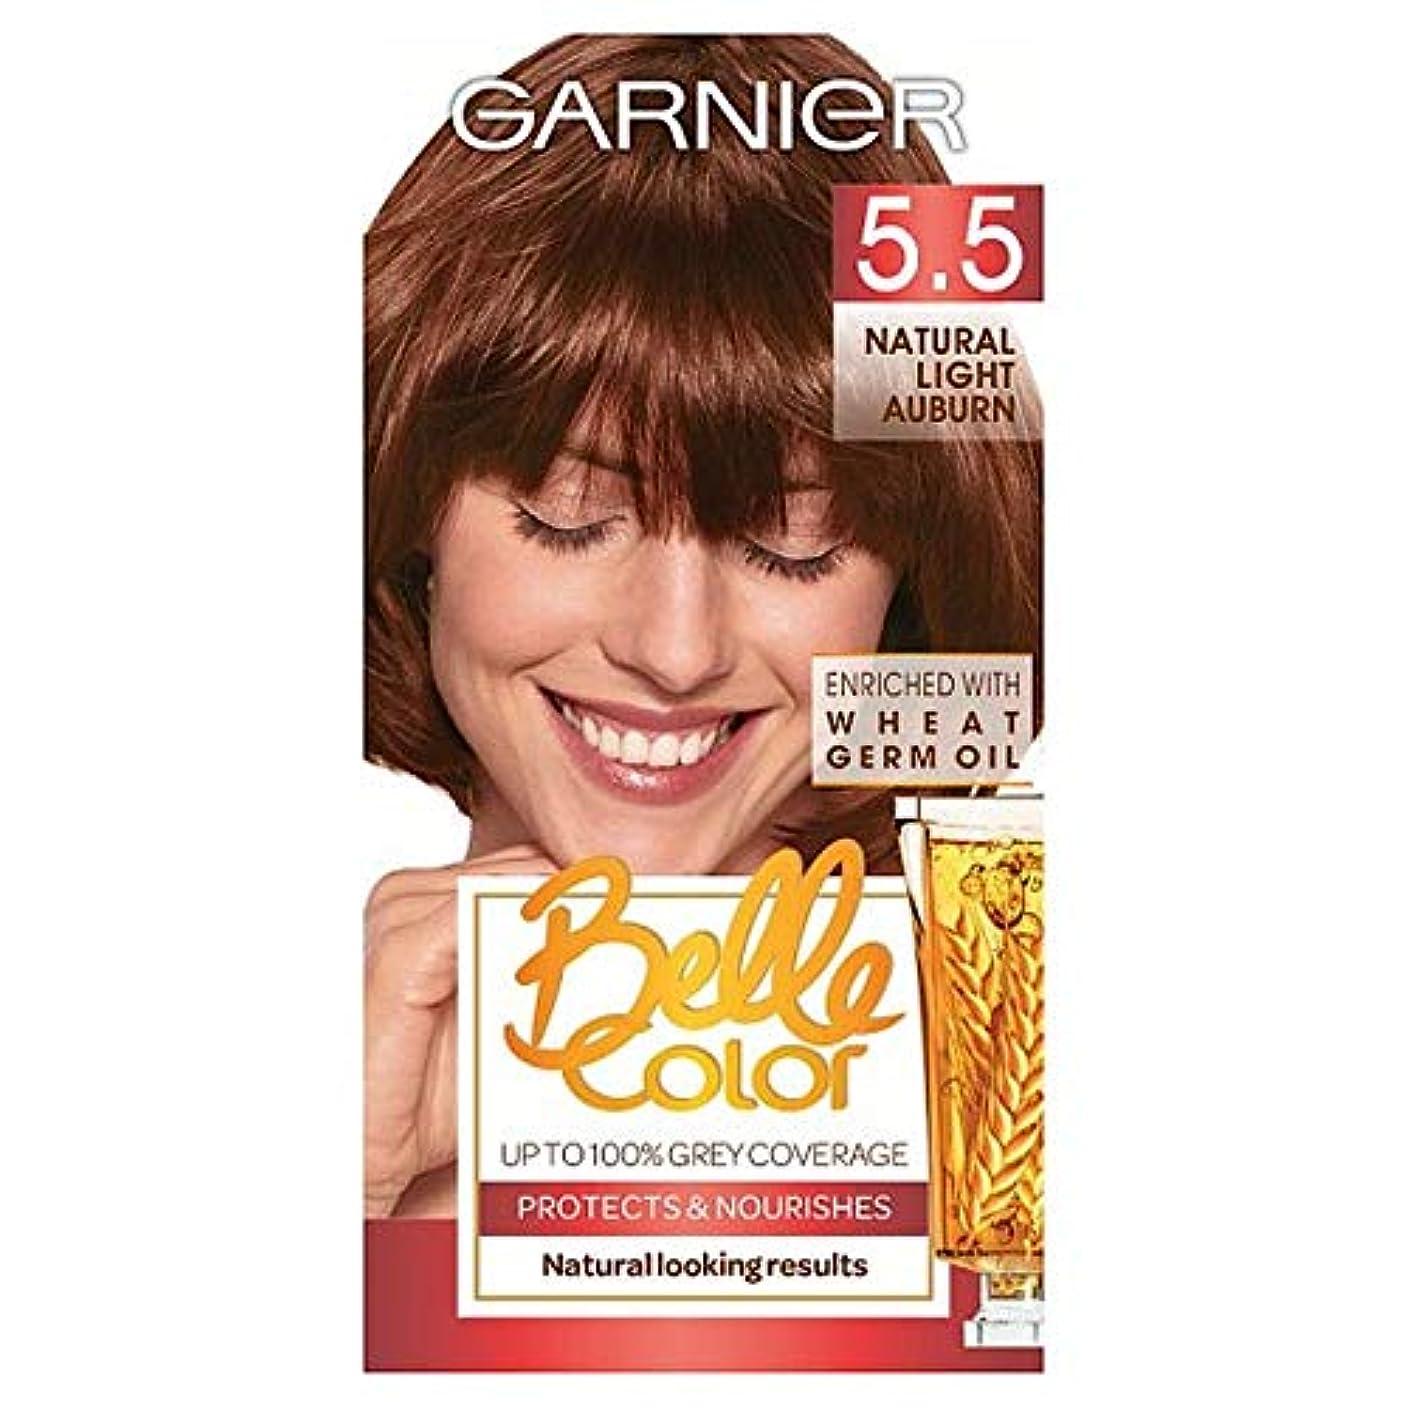 餌魚涙が出る[Belle Color] ガーン/ベル/Clr 5.5自然光赤褐色パーマネントヘアダイ - Garn/Bel/Clr 5.5 Natural Light Auburn Permanent Hair Dye [並行輸入品]